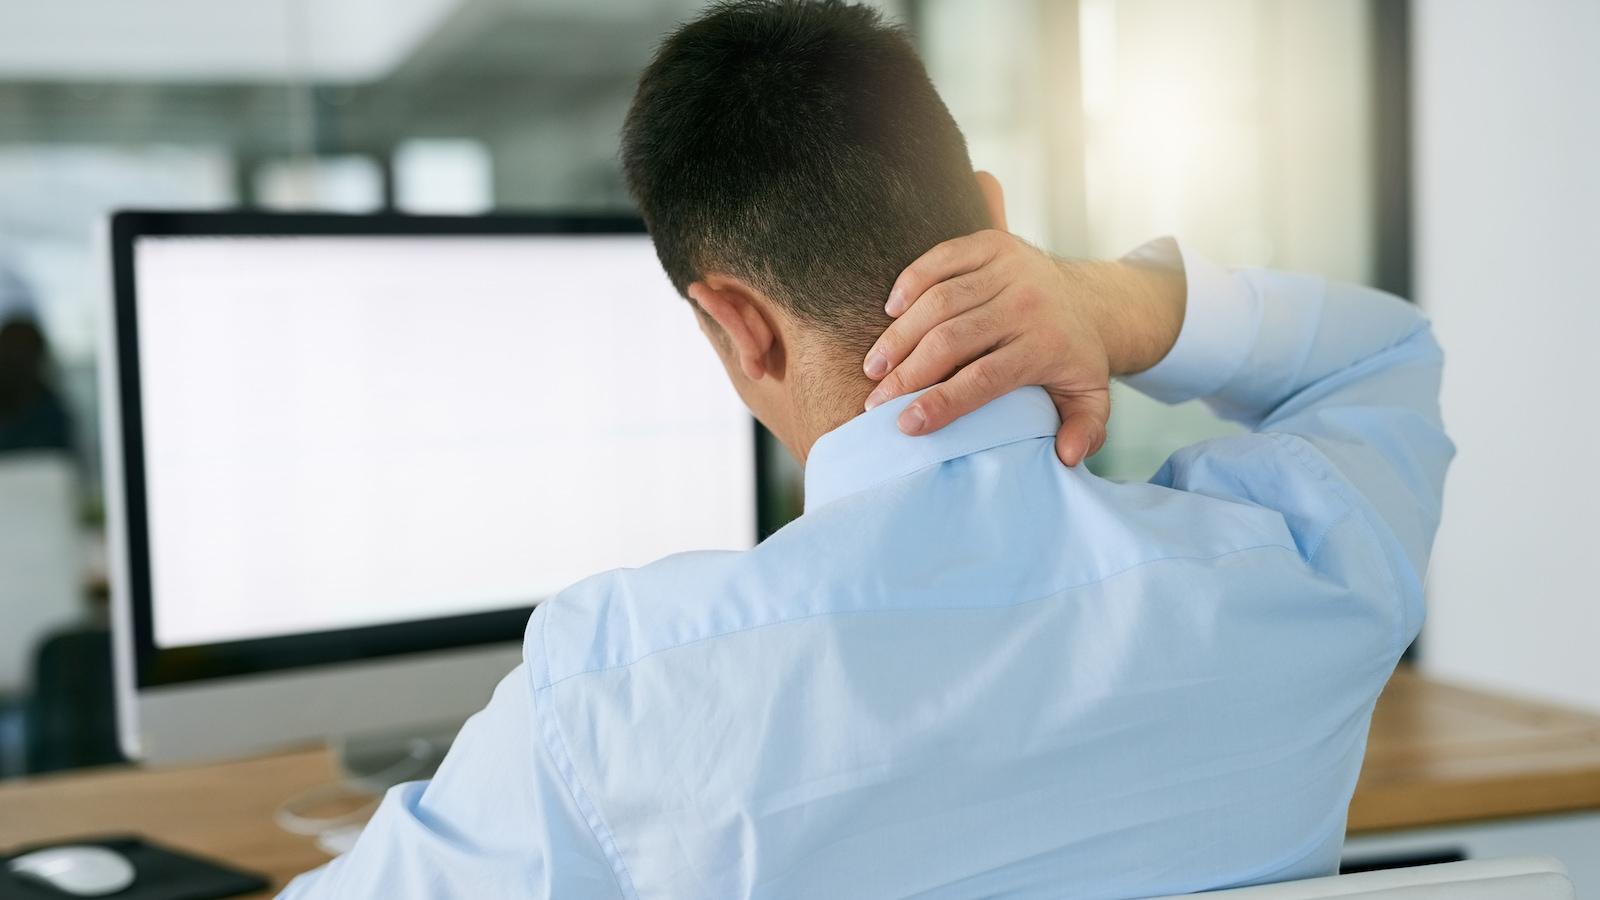 Un homme éprouve de la douleur au cou devant son ordinateur.